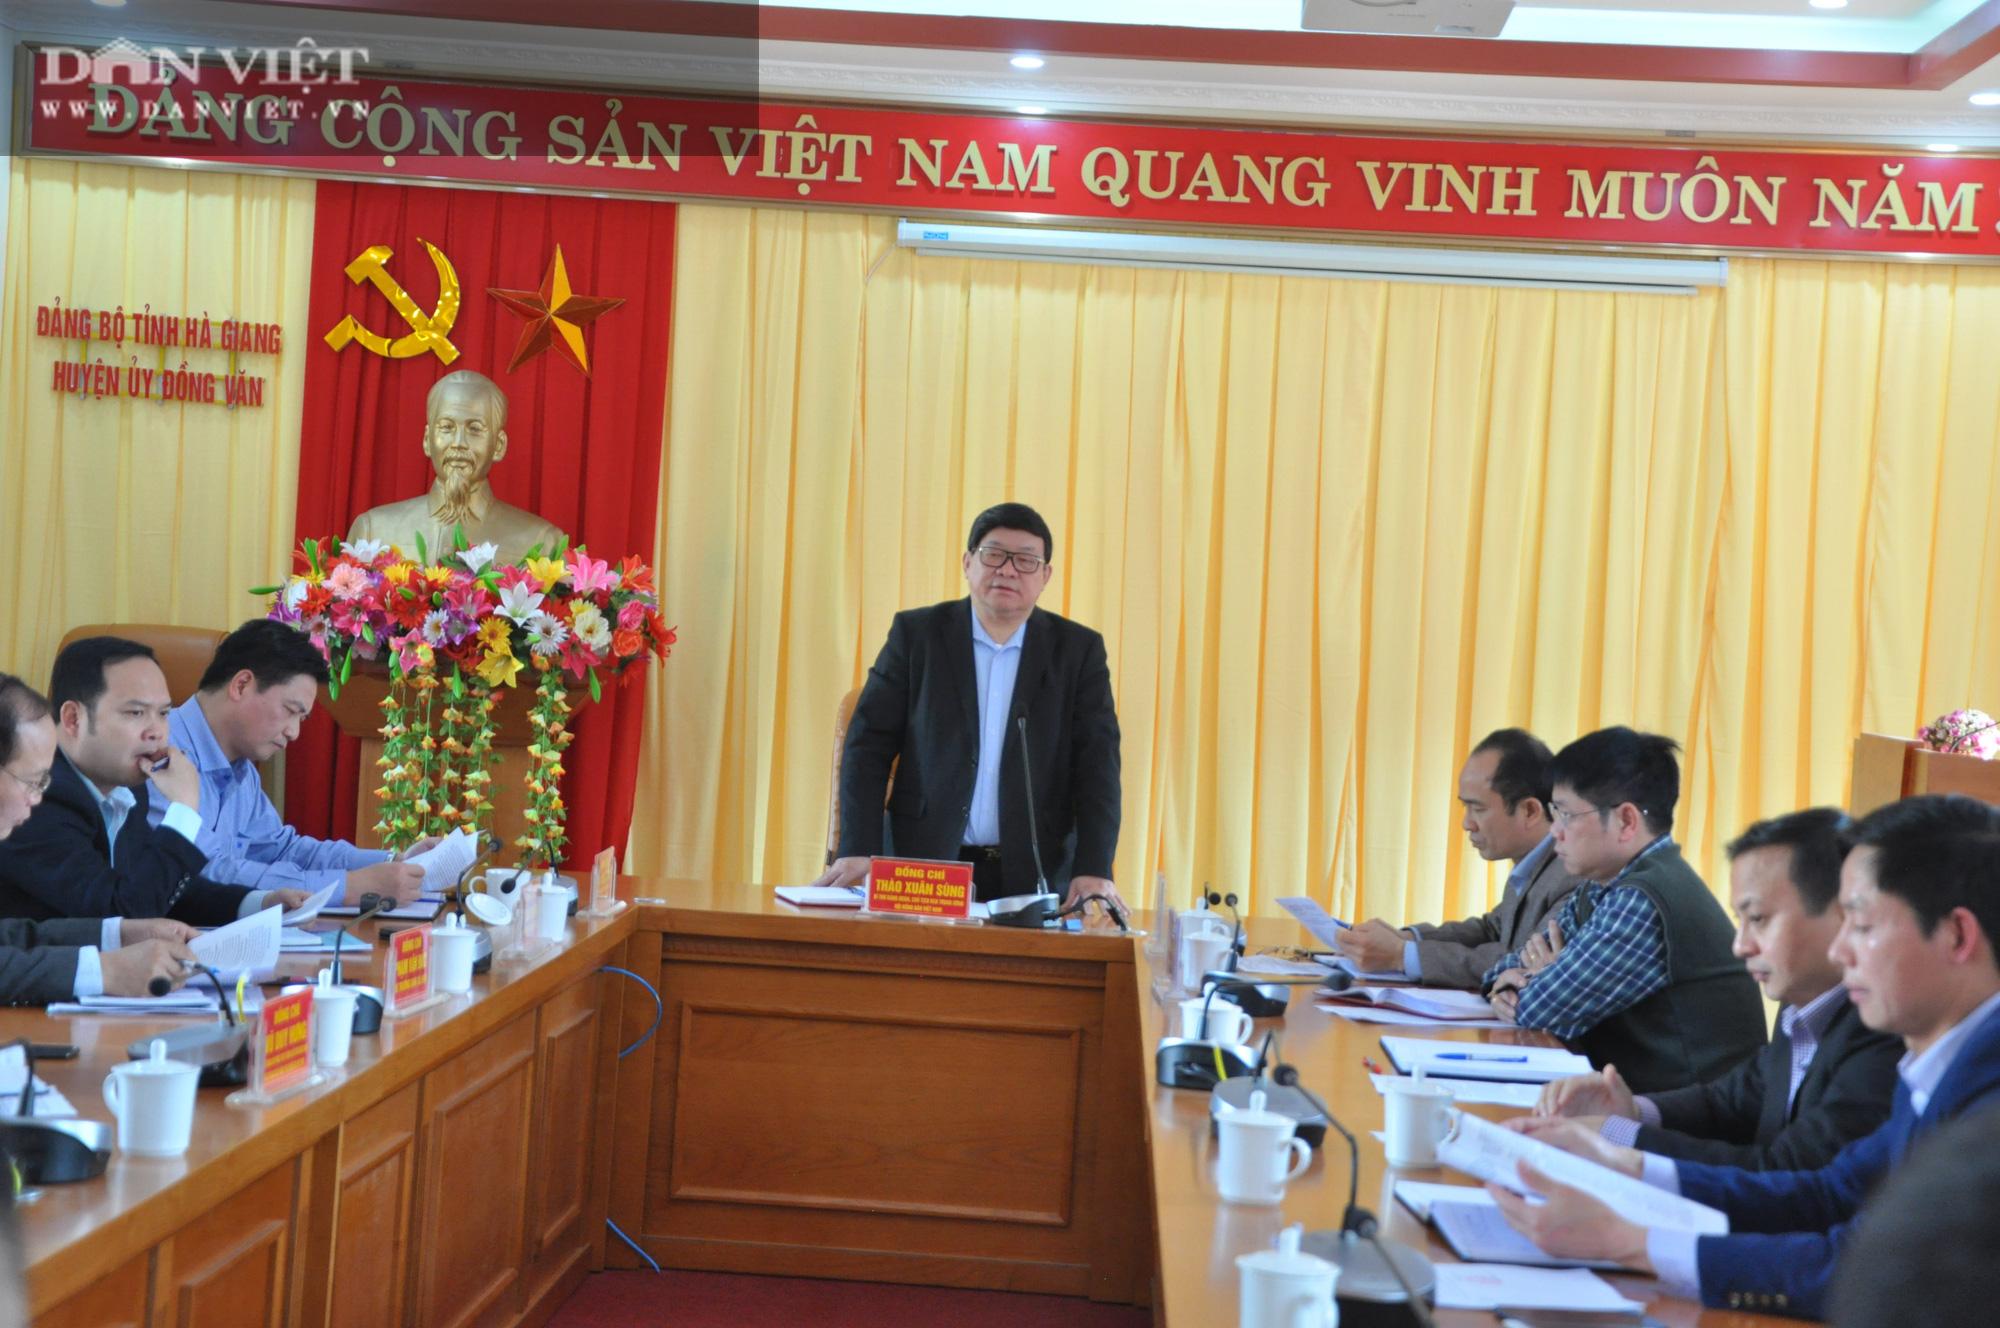 Chủ tịch Hội ND Việt Nam gợi mở giúp huyện núi đá Hà Giang vượt khó - Ảnh 1.